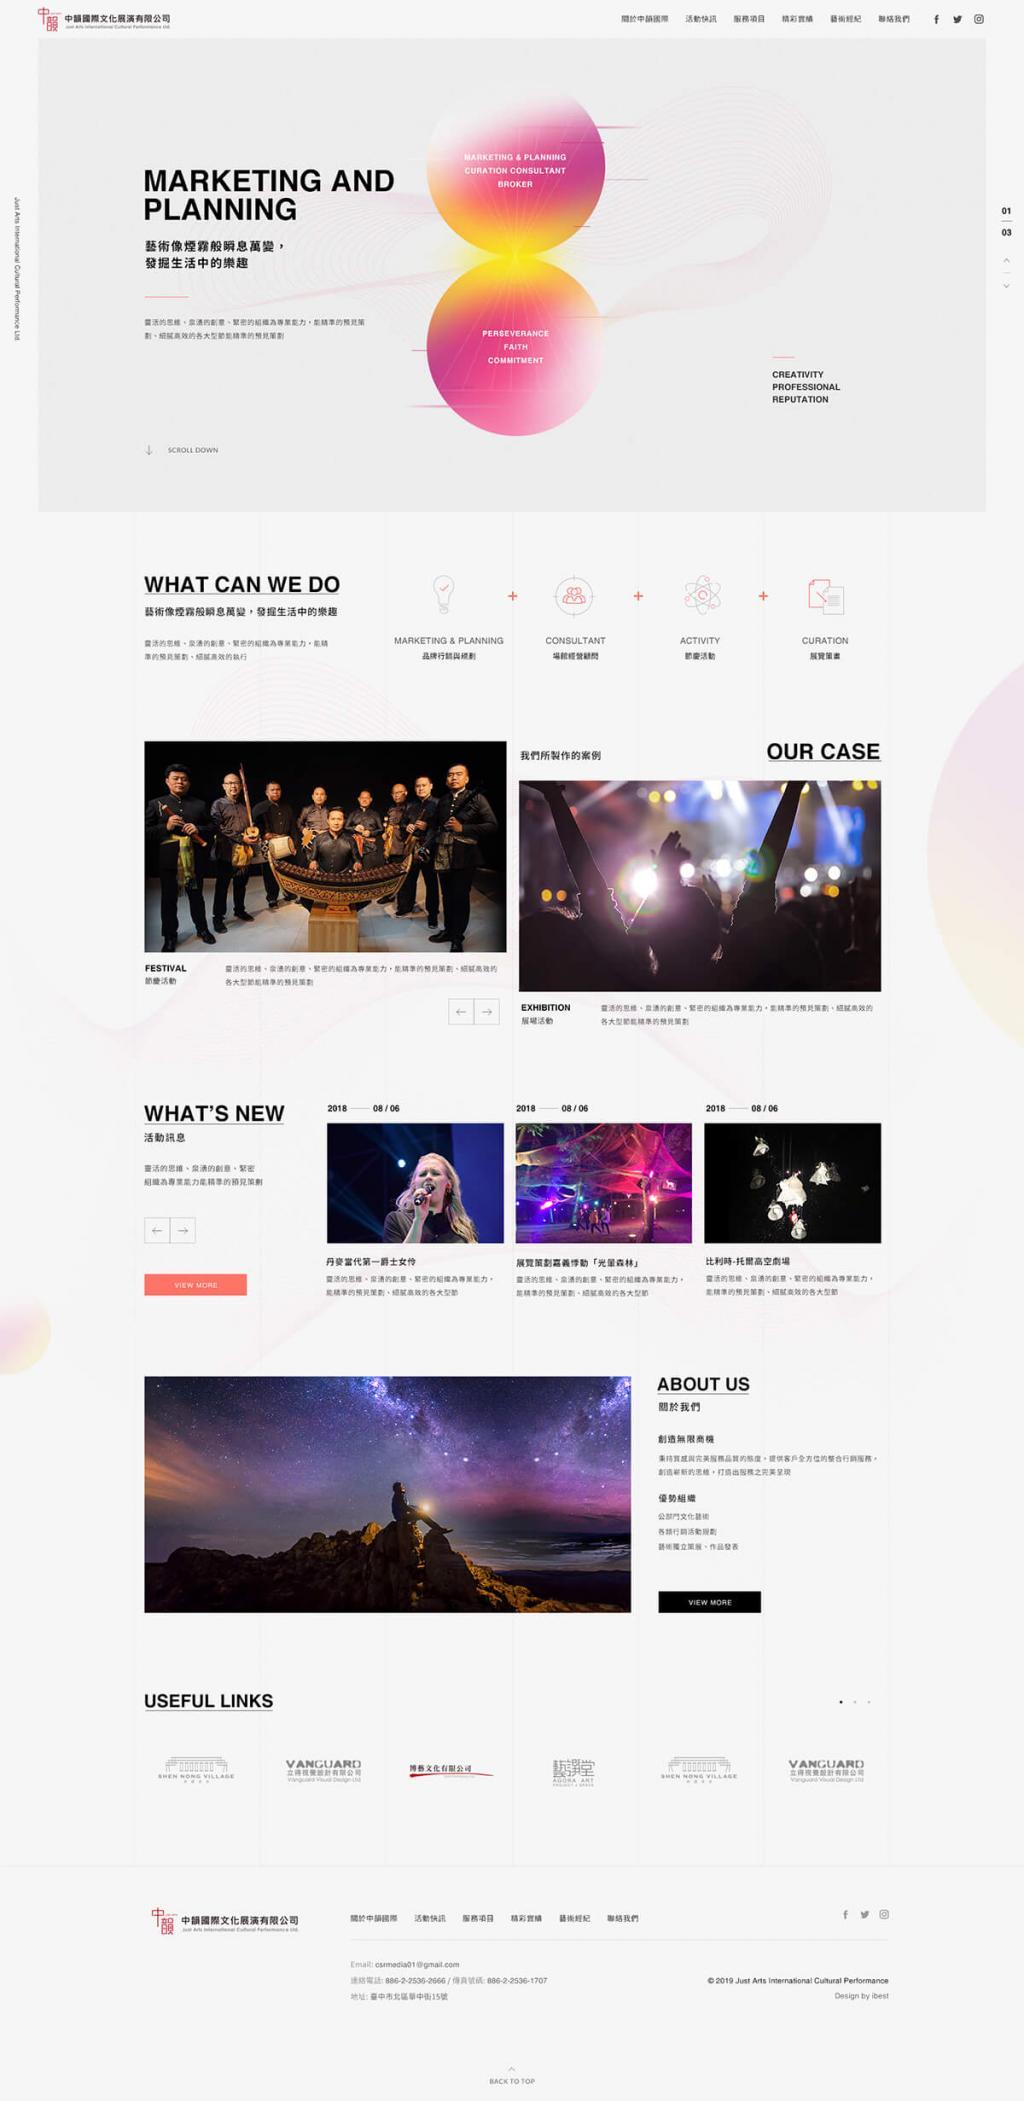 中韻國際文化展演-網頁設計